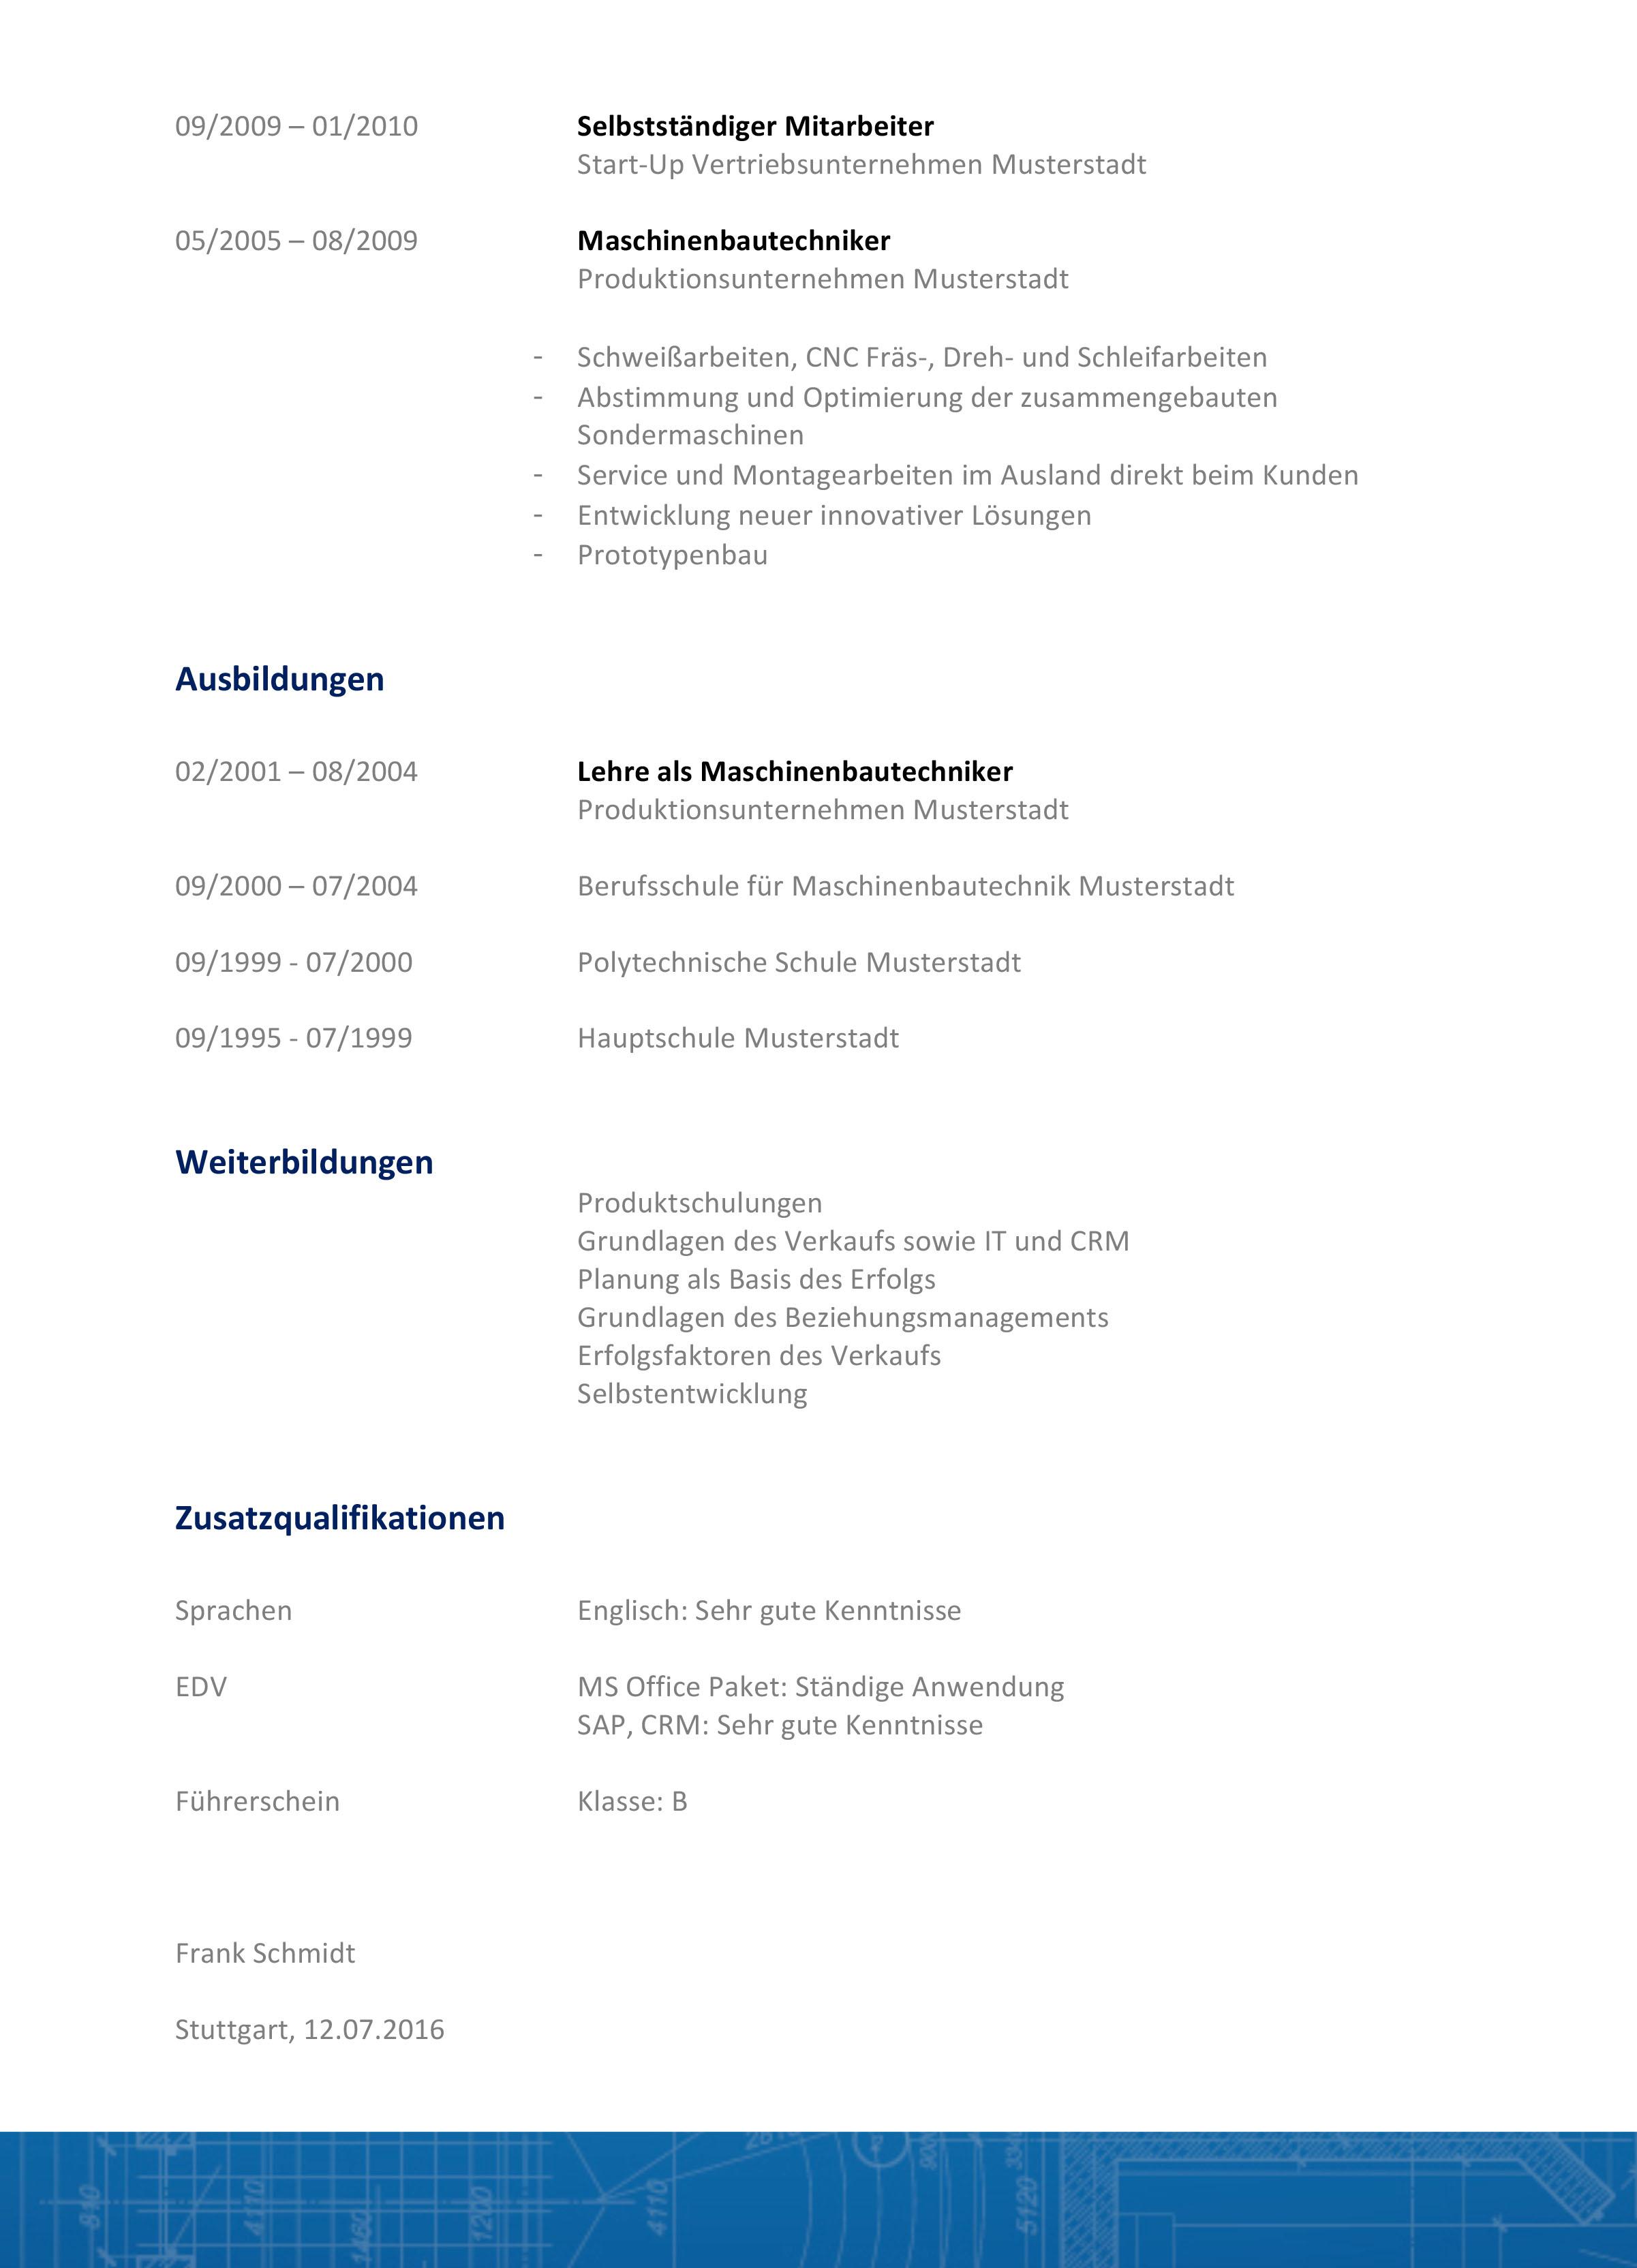 Bewerbung schreiben-professionelle-bewerbung.net